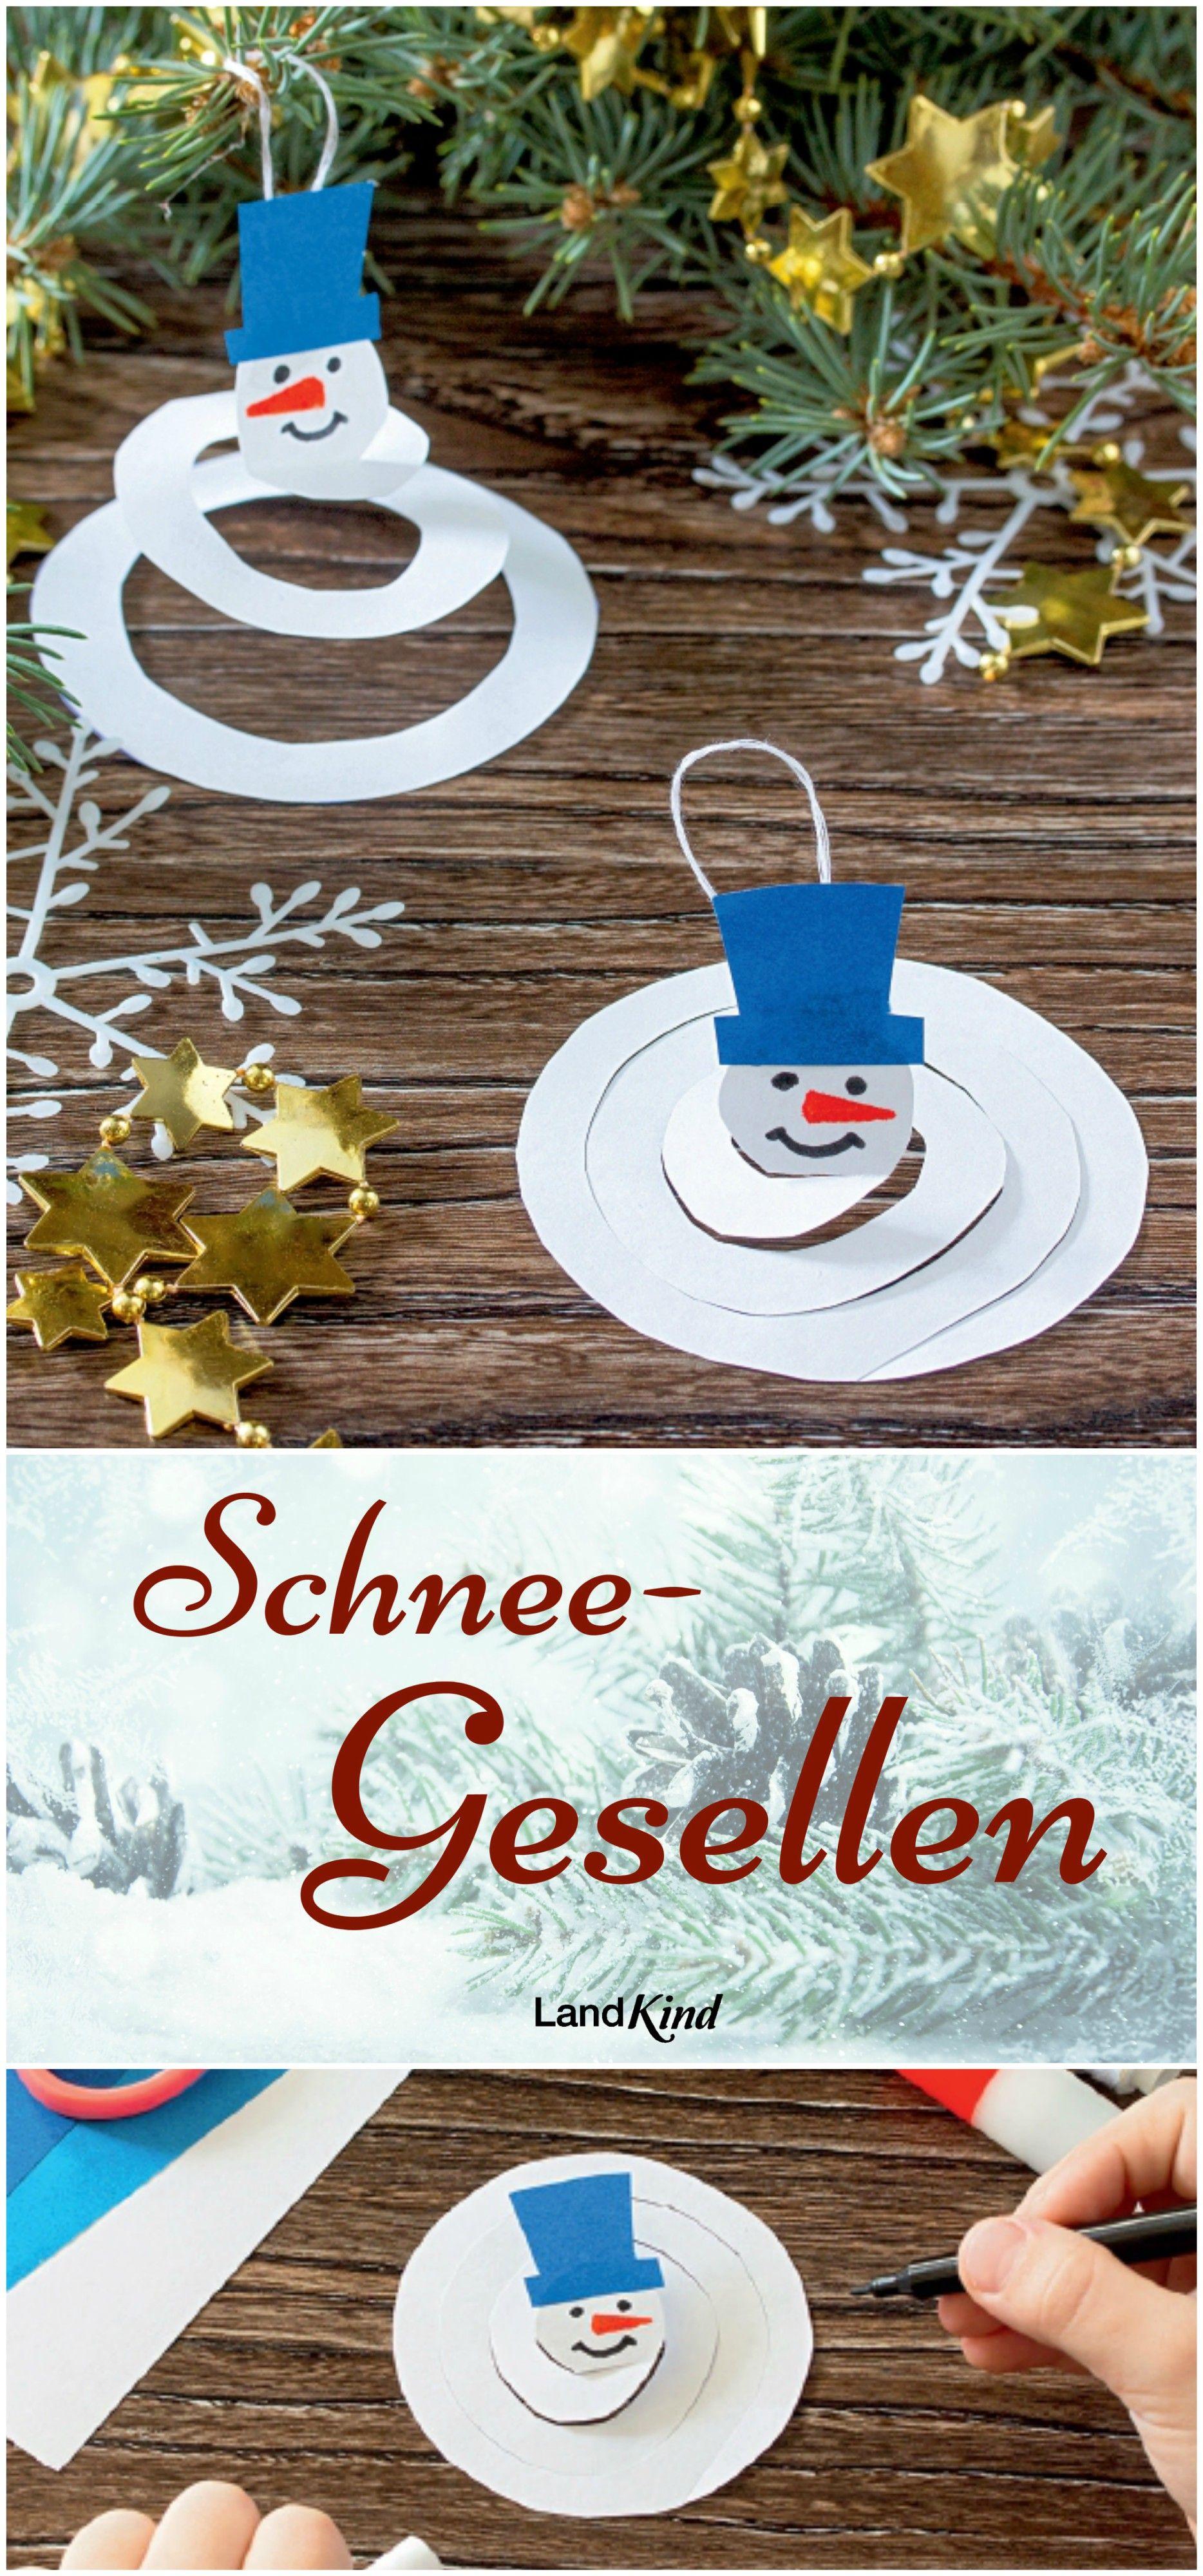 Kinderleichte Bastelidee: Niedliche Schneemänner sind zur Winterzeit stets willkommen. Sind sie aus Papier gebastelt, tropfen sie auch garantiert nicht im warmen Haus. Hier können schon die Kleinsten kreativ werden! #weihnachtenbastelnmitkindern